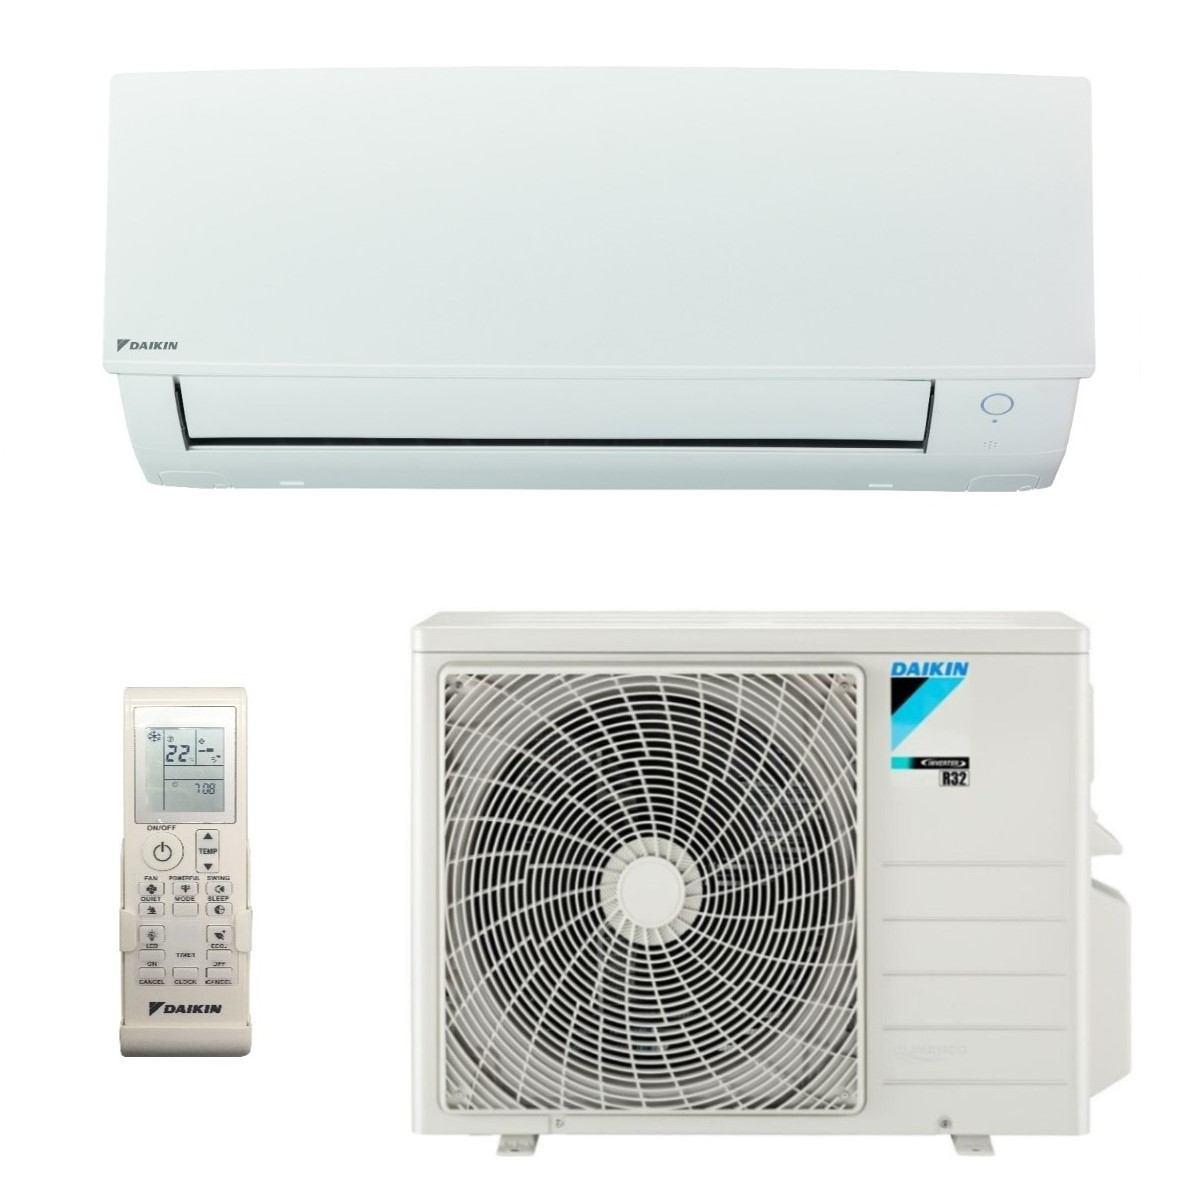 Daikin Klima Uređaj 7kw Ftxc71b Rxc71b Sensira Za Prostor Do 70m2 A Energetska Klasa R 32